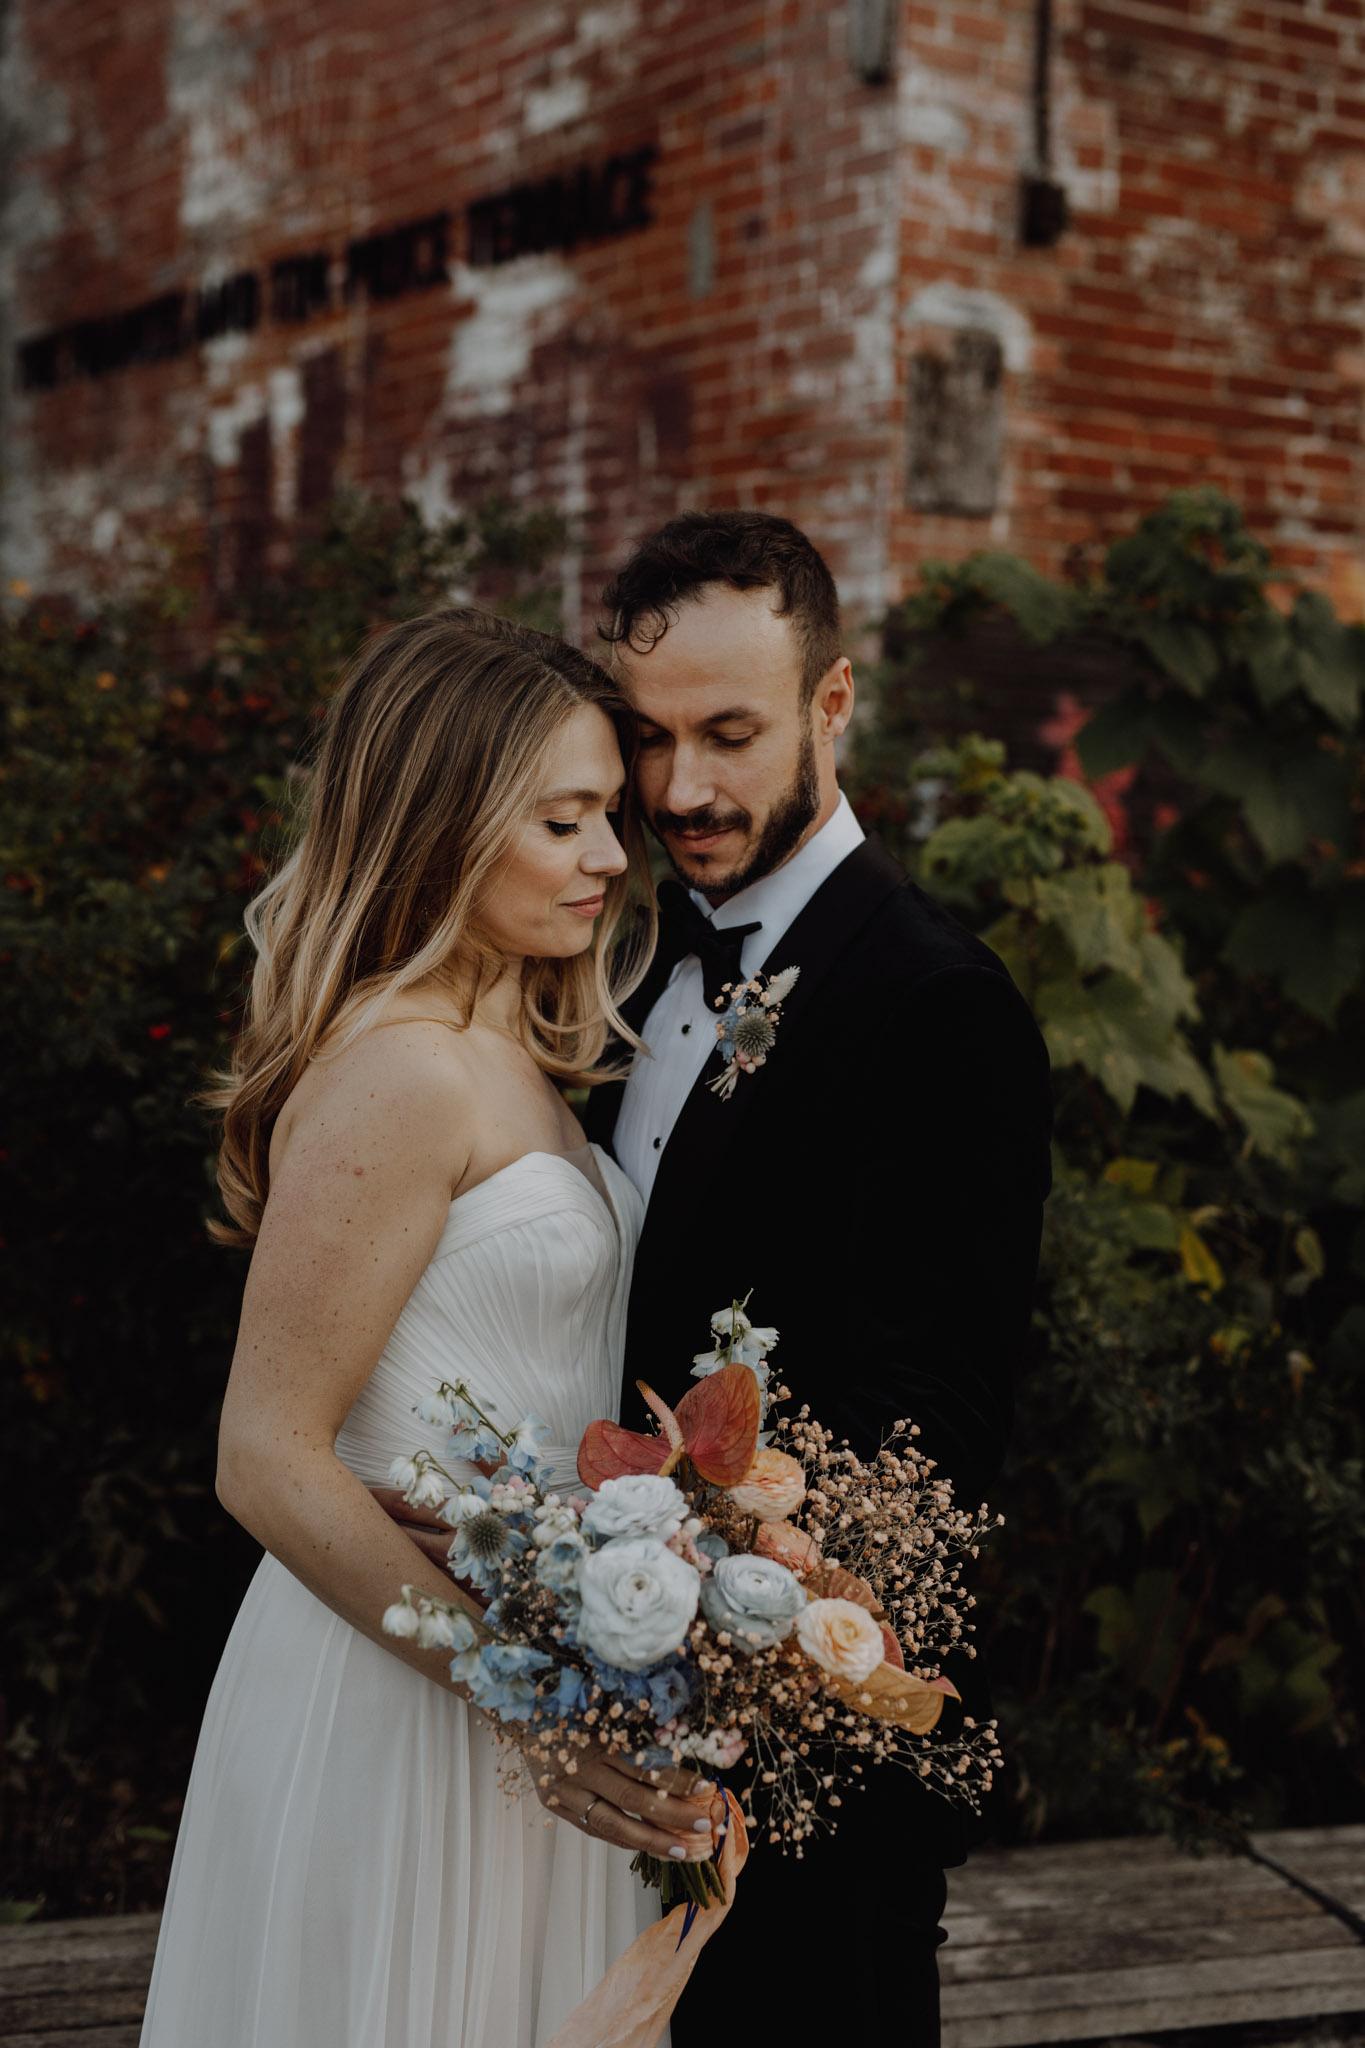 Casa La Palma Wedding - Bride and Groom Portrait with bouquet